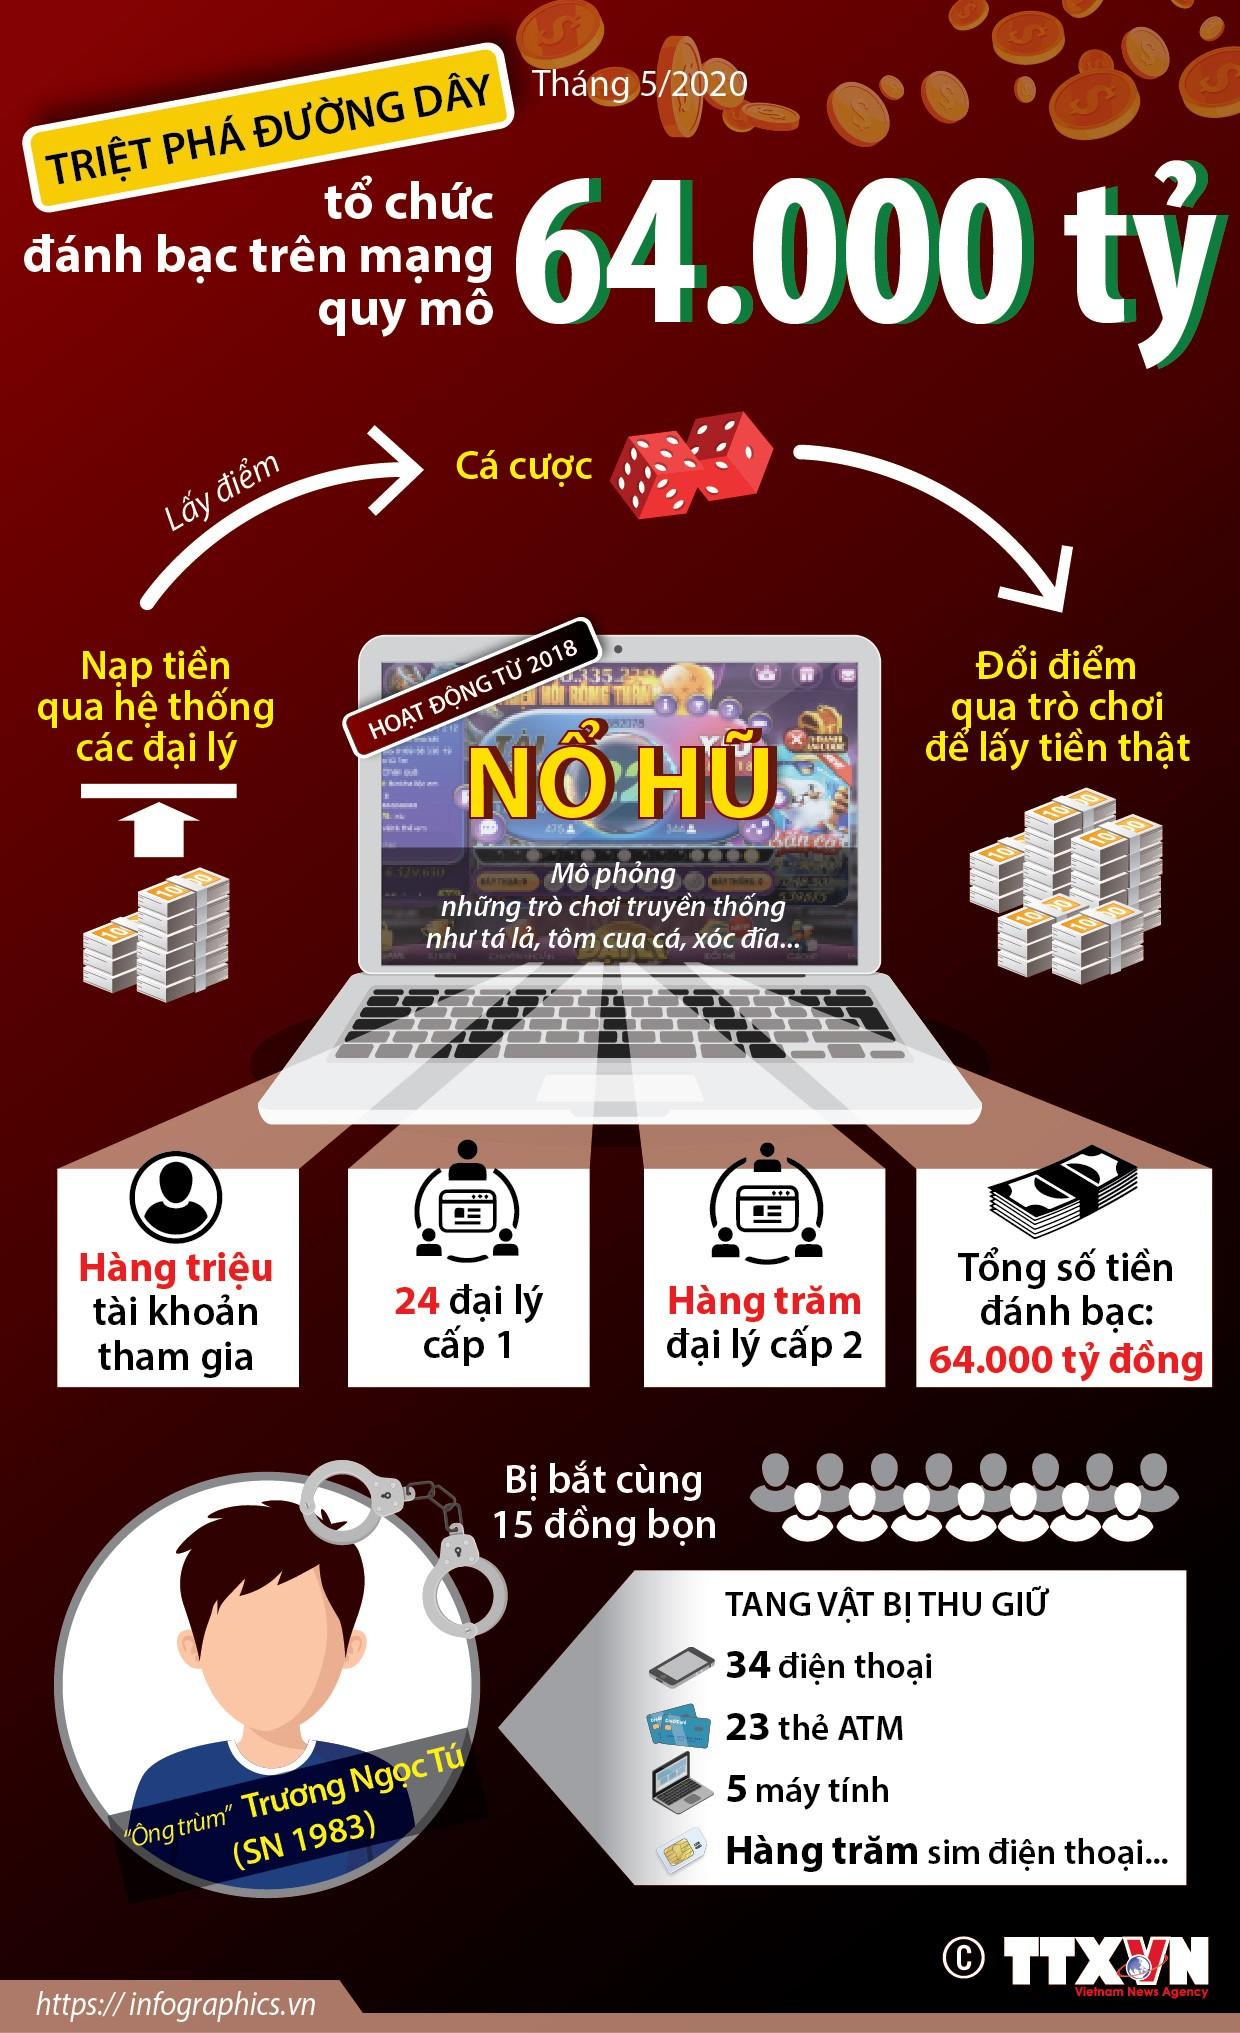 Đường dây đánh bạc hơn 64.000 tỷ đồng hoạt động như thế nào? ảnh 1